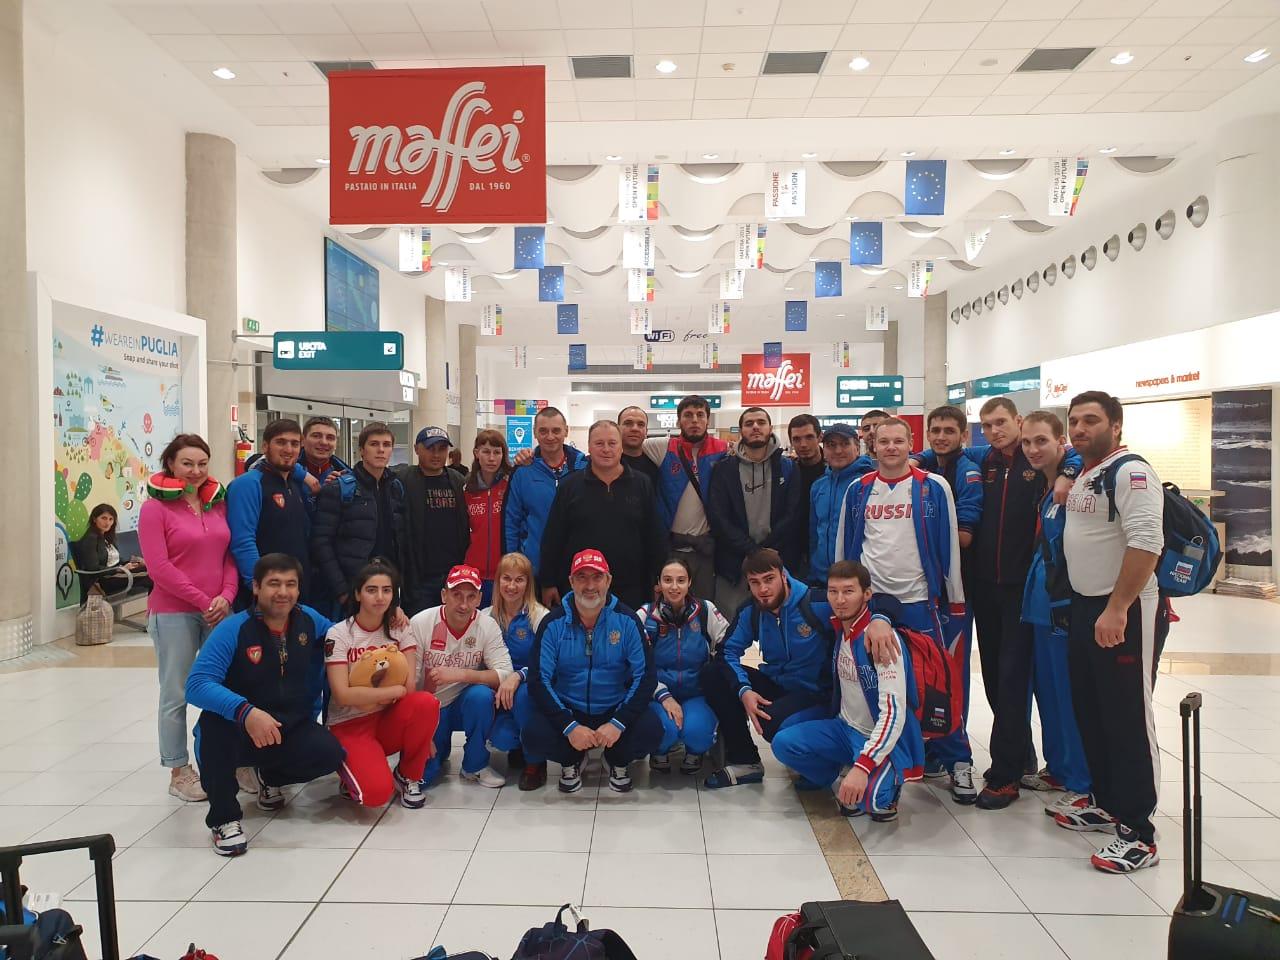 Сборная команда России по паратхэквондо примет участие в чемпионате Европы в Италии